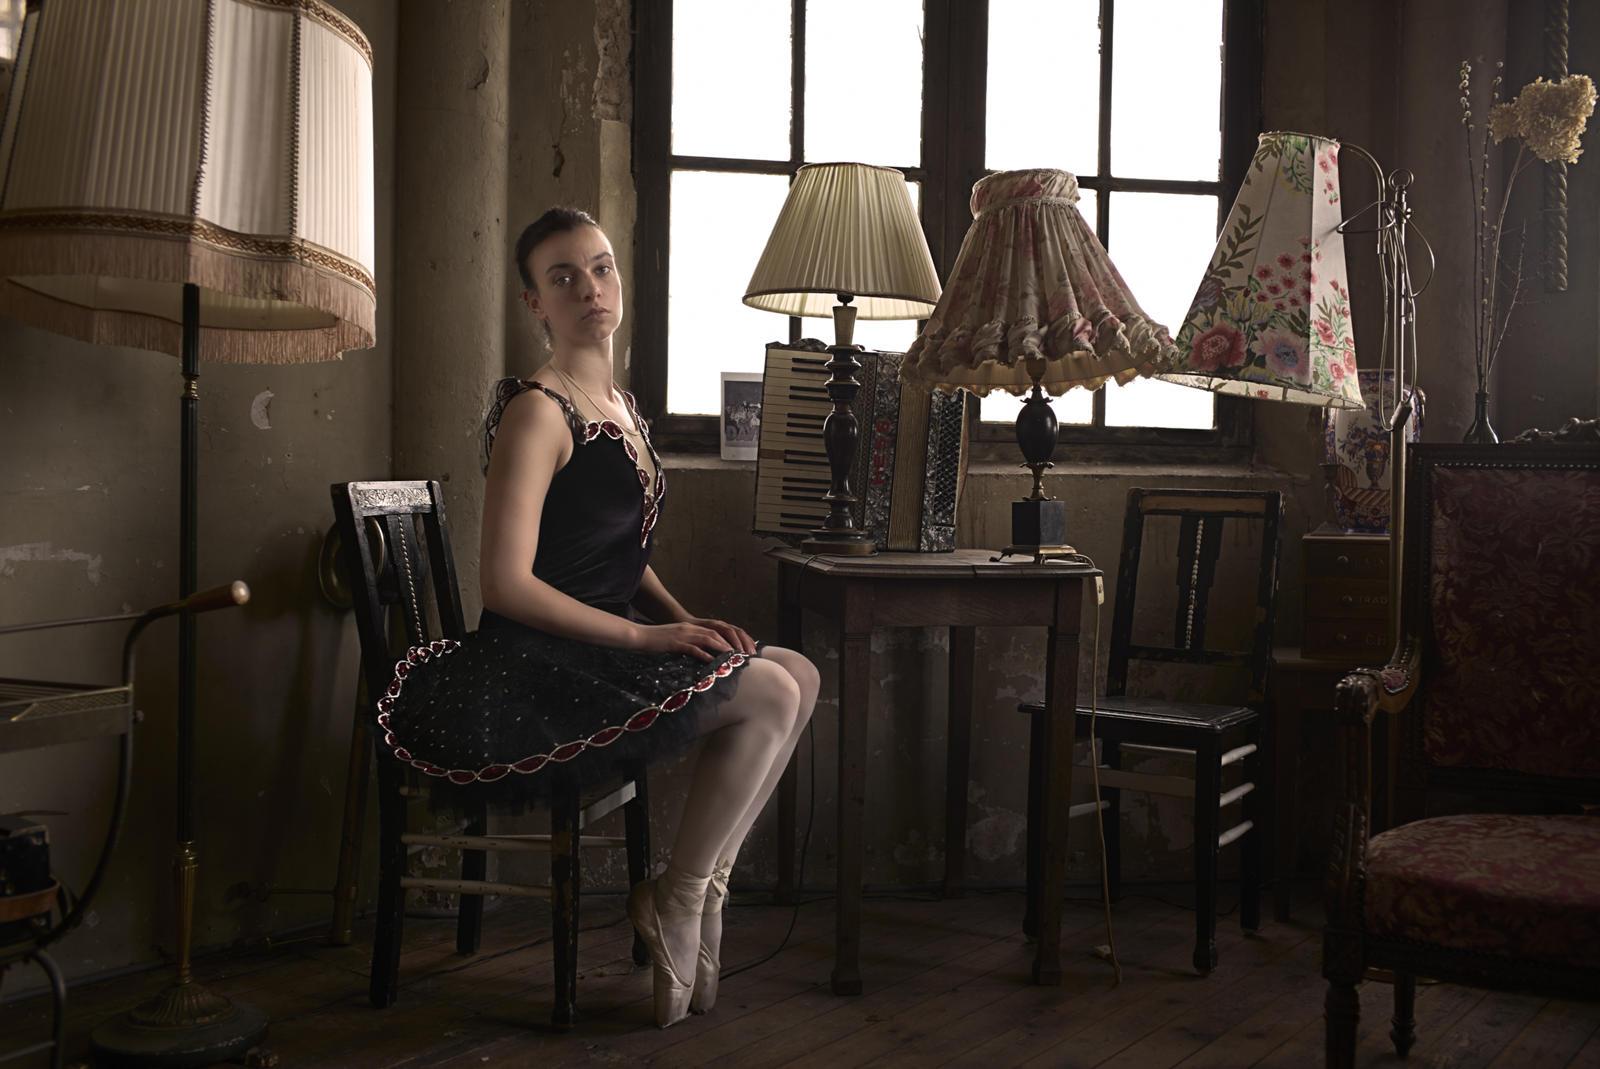 Foto van een ballerina op een stoel in een ouderwets interieur en veel lampenkappen